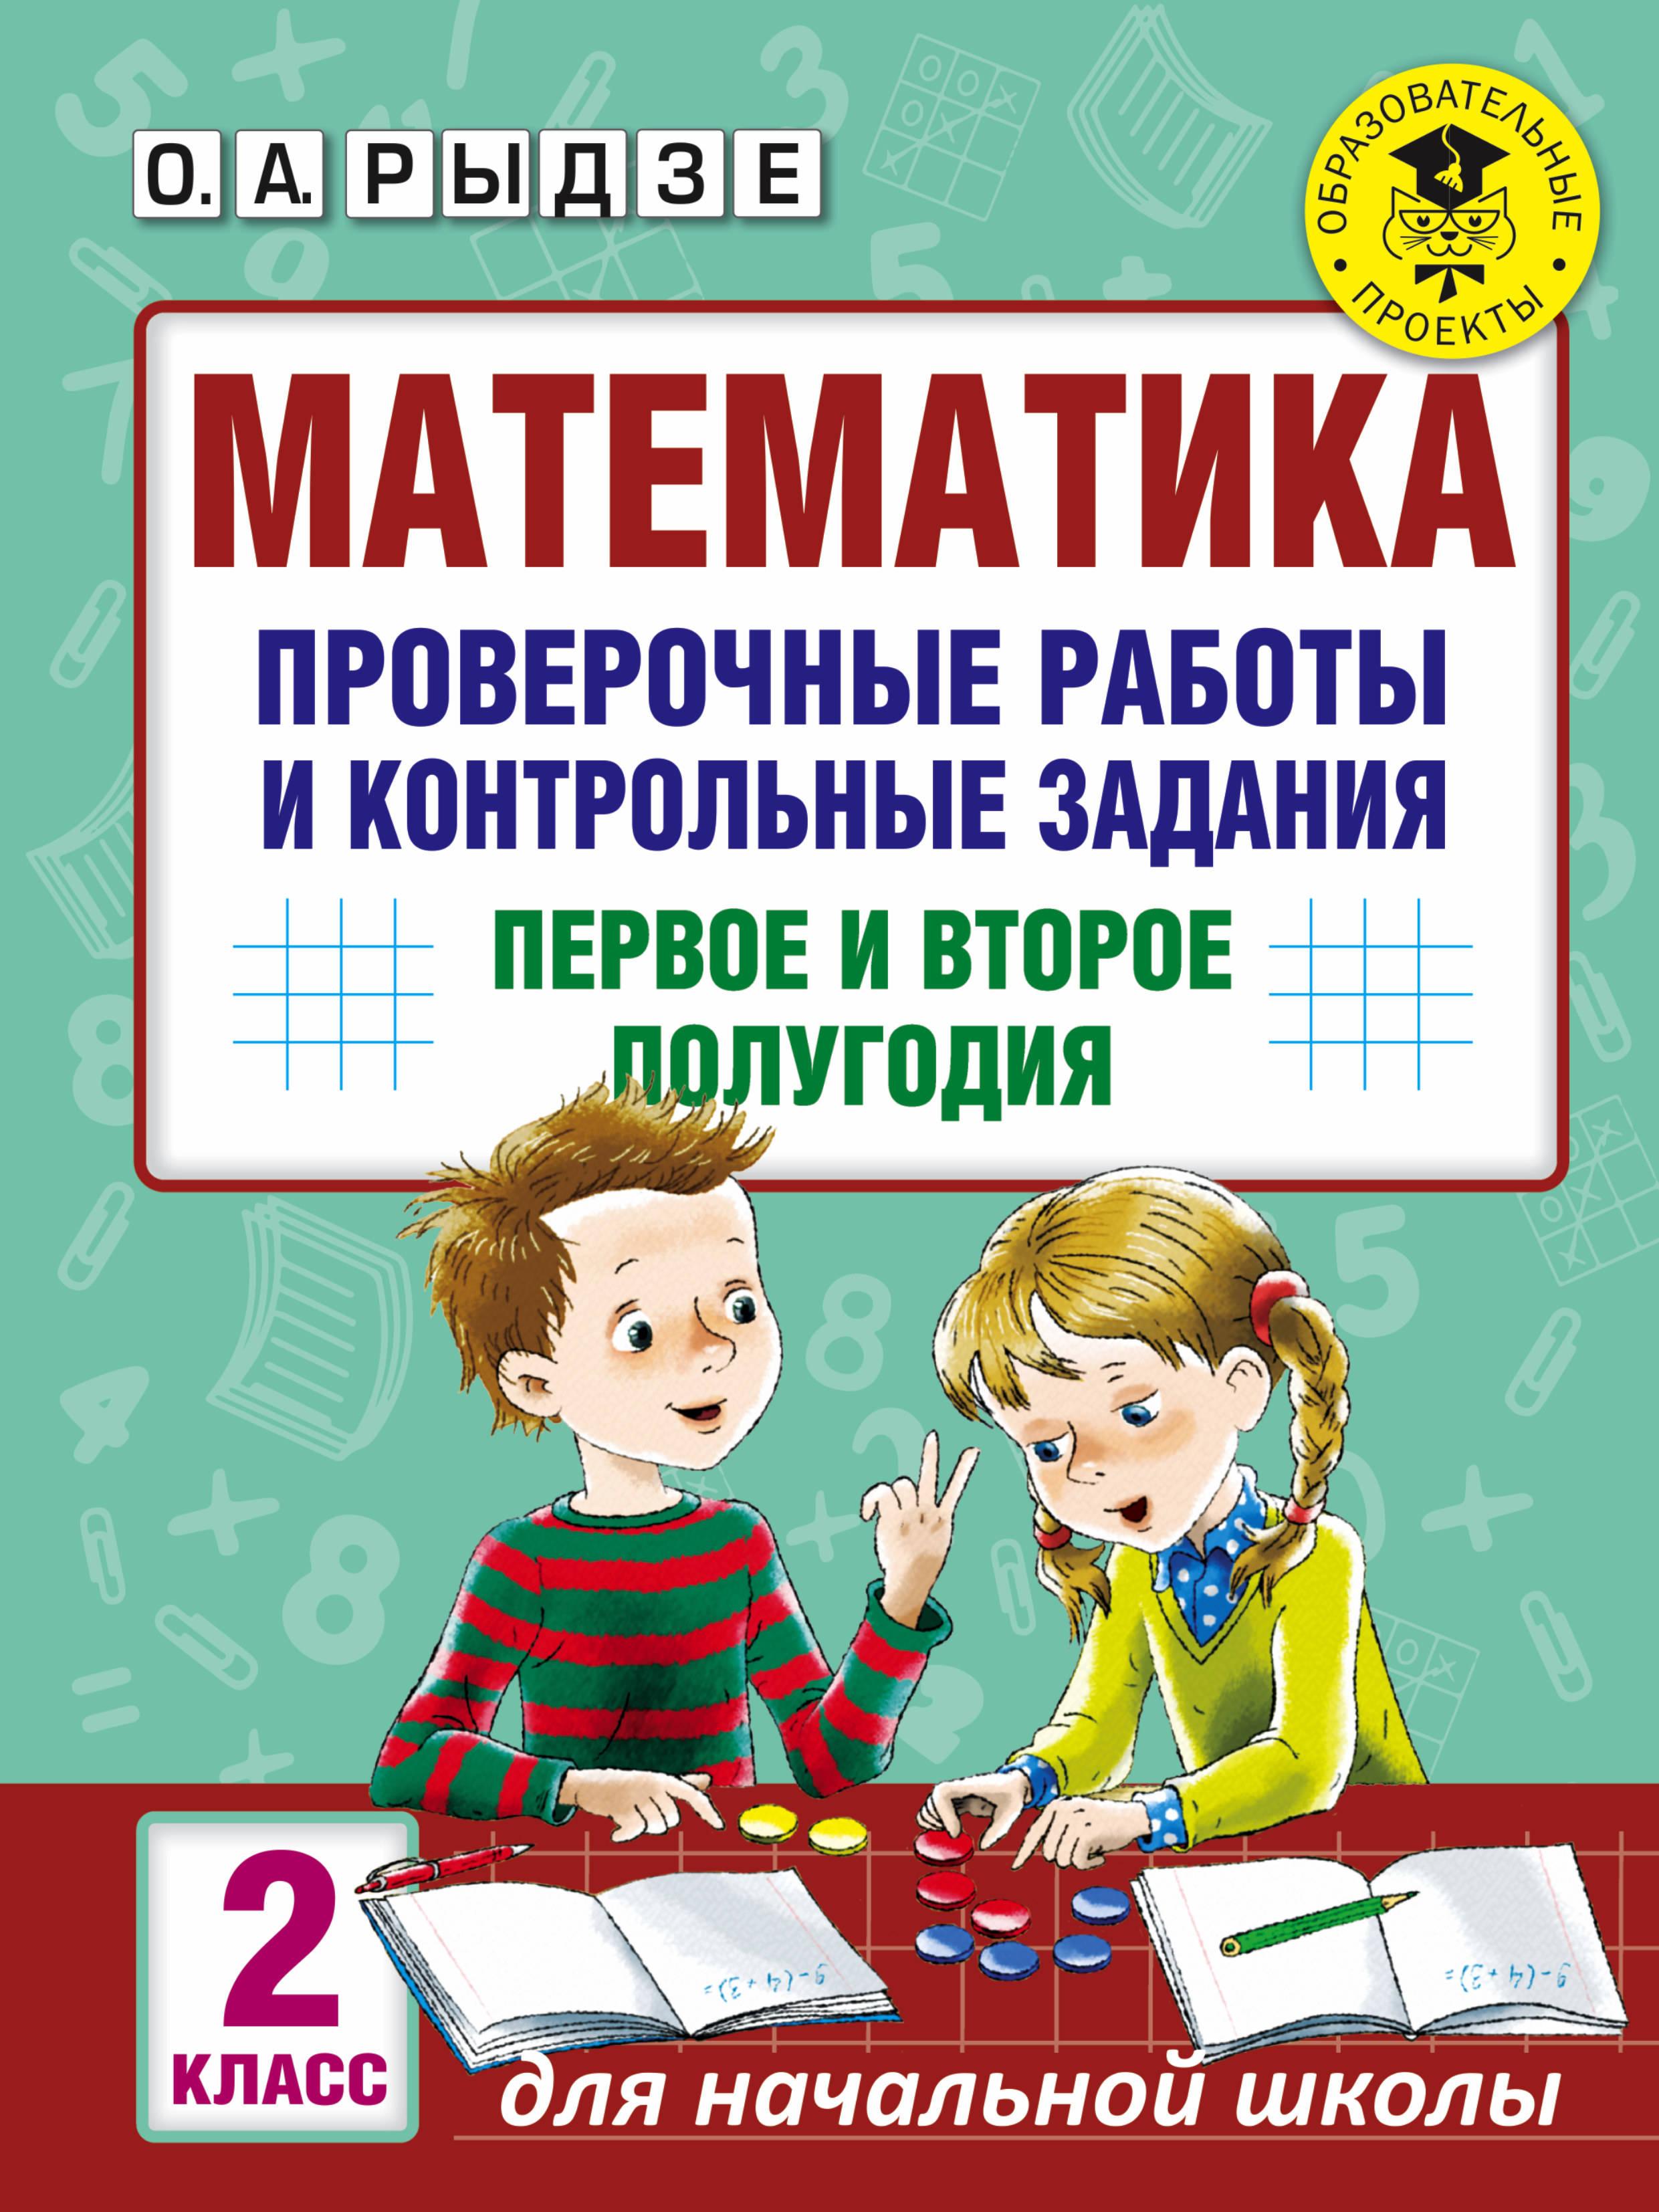 Математика. 2 класс. Проверочные работы и контрольные задания. Первое и второе полугодия